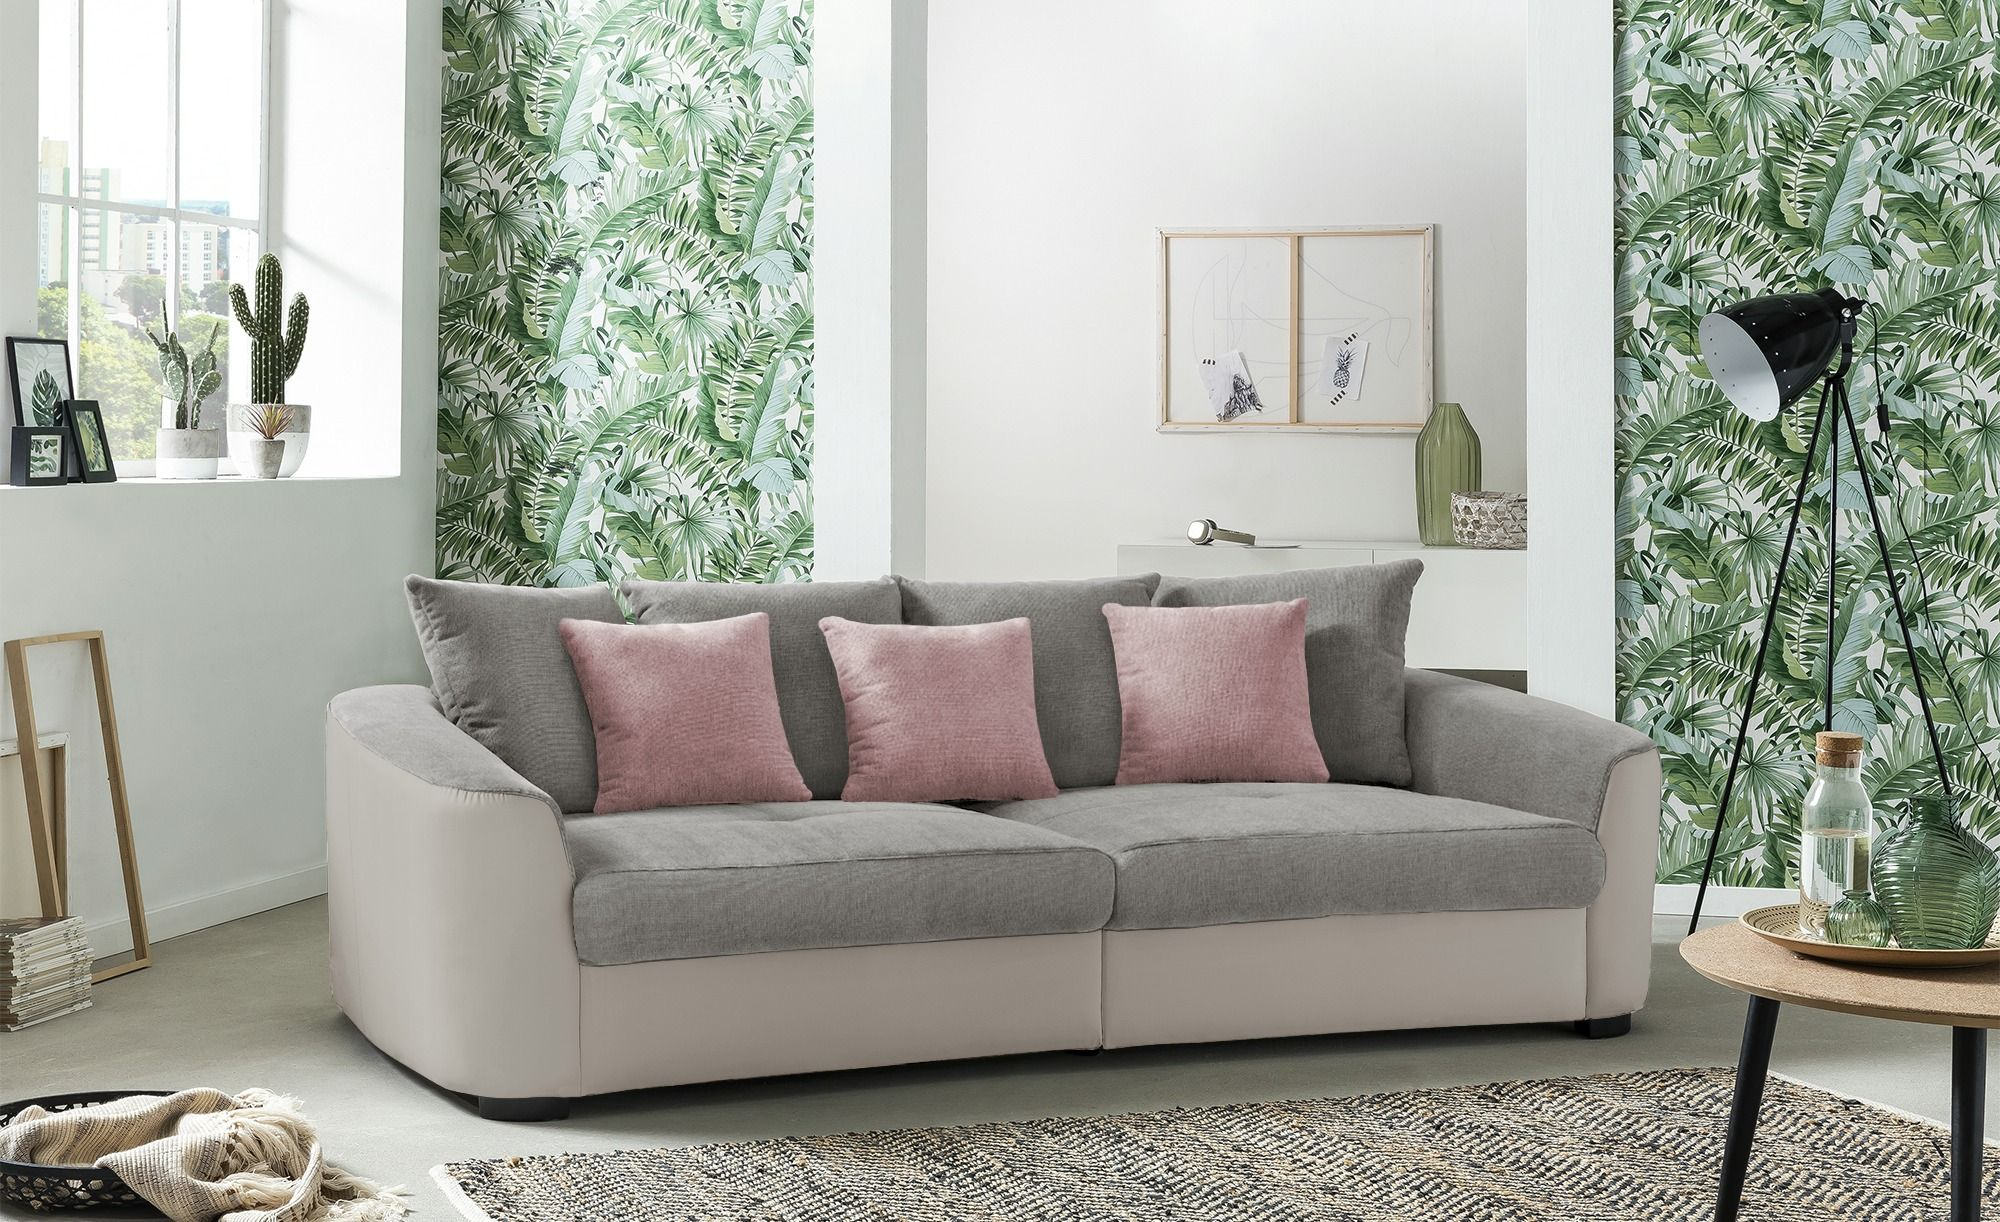 Big Sofa Cancuun Grosse Sofas Sofa Und Kleine Kissen